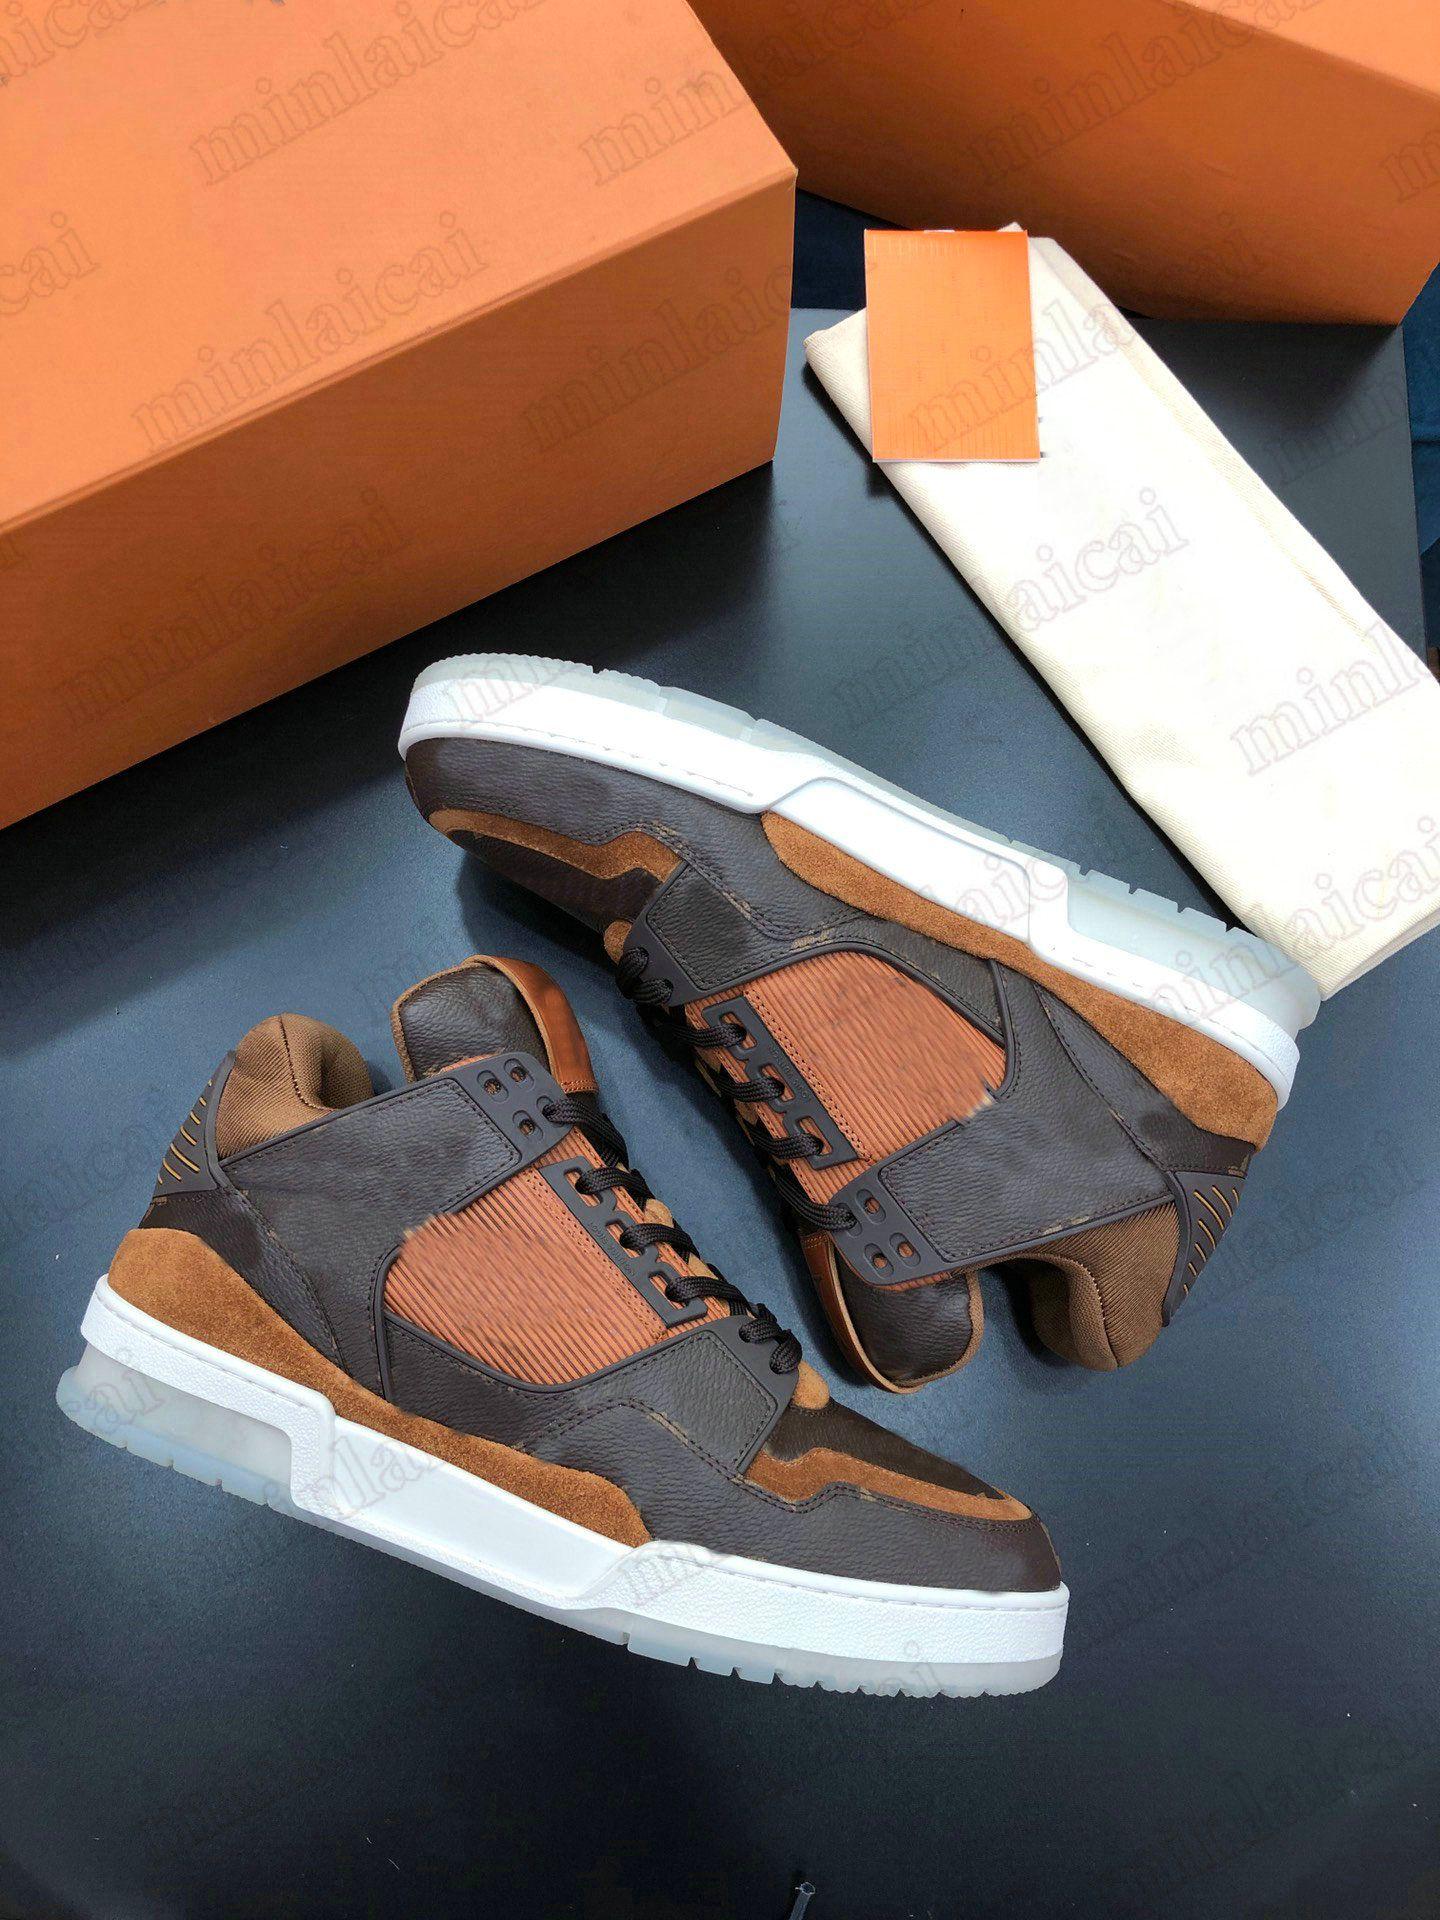 Trainer Turnschuhe Ebene Multicolor Herren Kalbsleder Schuhe 2021SS Luxurys Vintage Runner Trainer Designer Brown Monogramme Leinwand Womens Casual Shoe